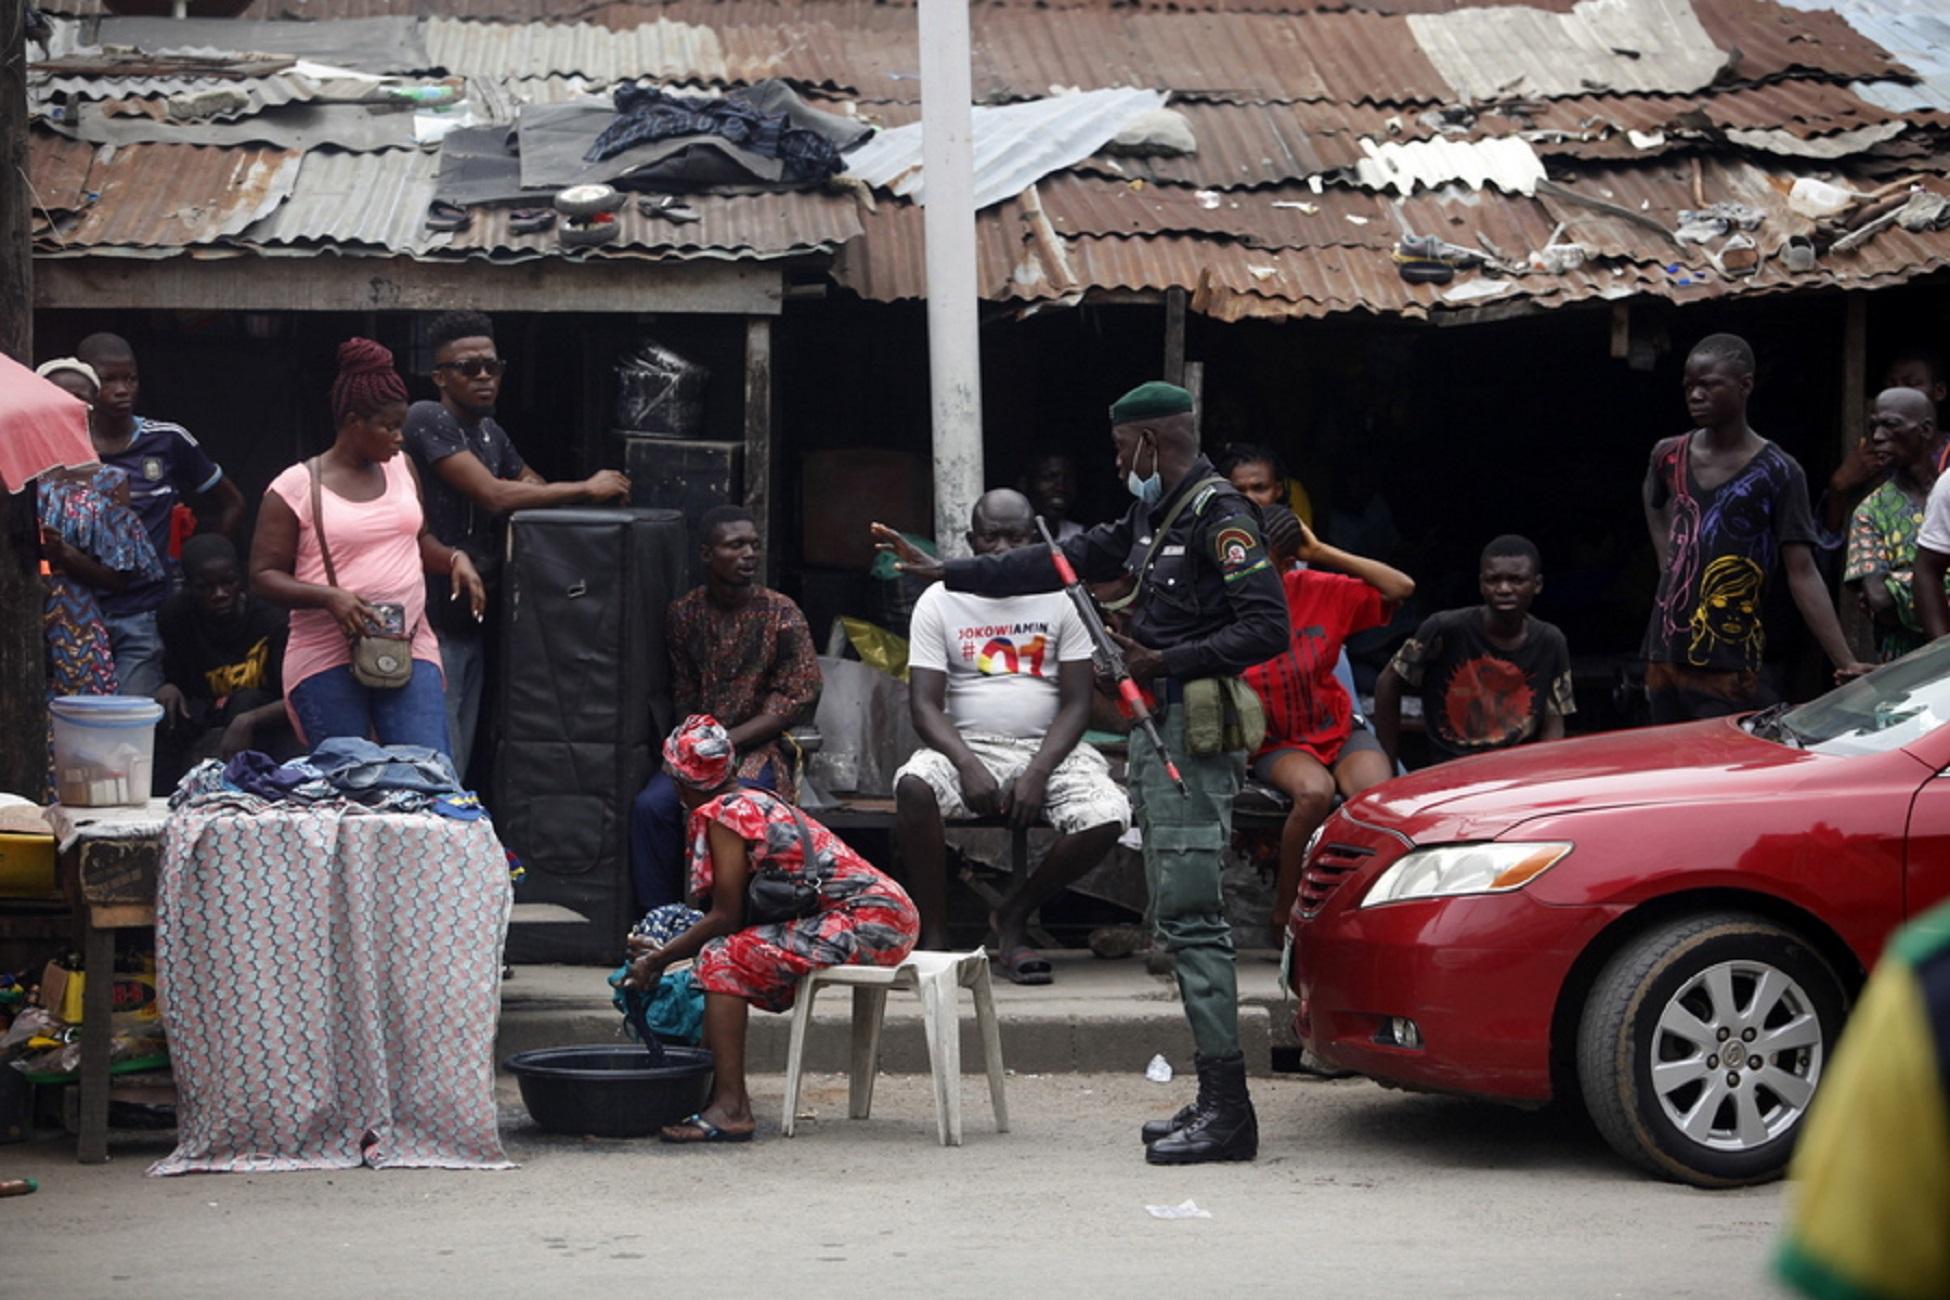 Νιγηρία: Στους 88 έφτασαν οι νεκροί από επιθέσεις ζωοκλεφτών σε 7 χωριά